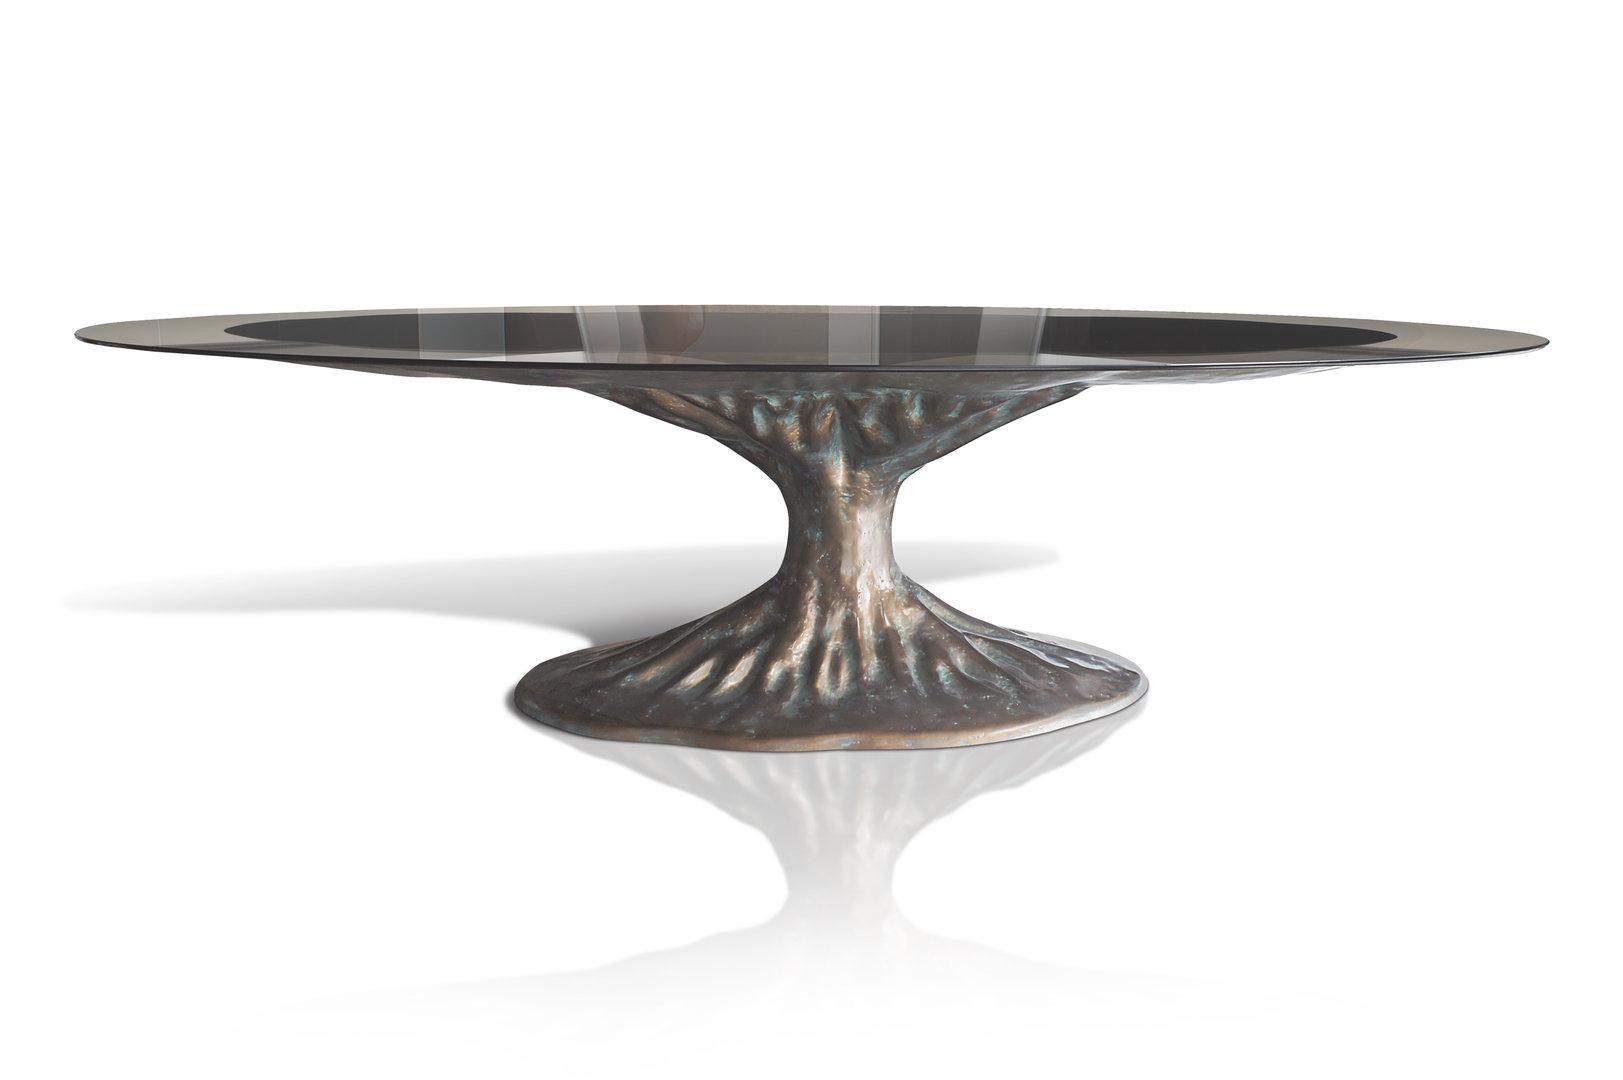 Full Size of Esstisch Glas Bonsai Etisch Desaive Design 80x80 Altholz Nussbaum Hängeschrank Küche Glastüren Shabby Kleine Esstische Weiß Oval Grau Ausziehbar Massiv Esstische Esstisch Glas